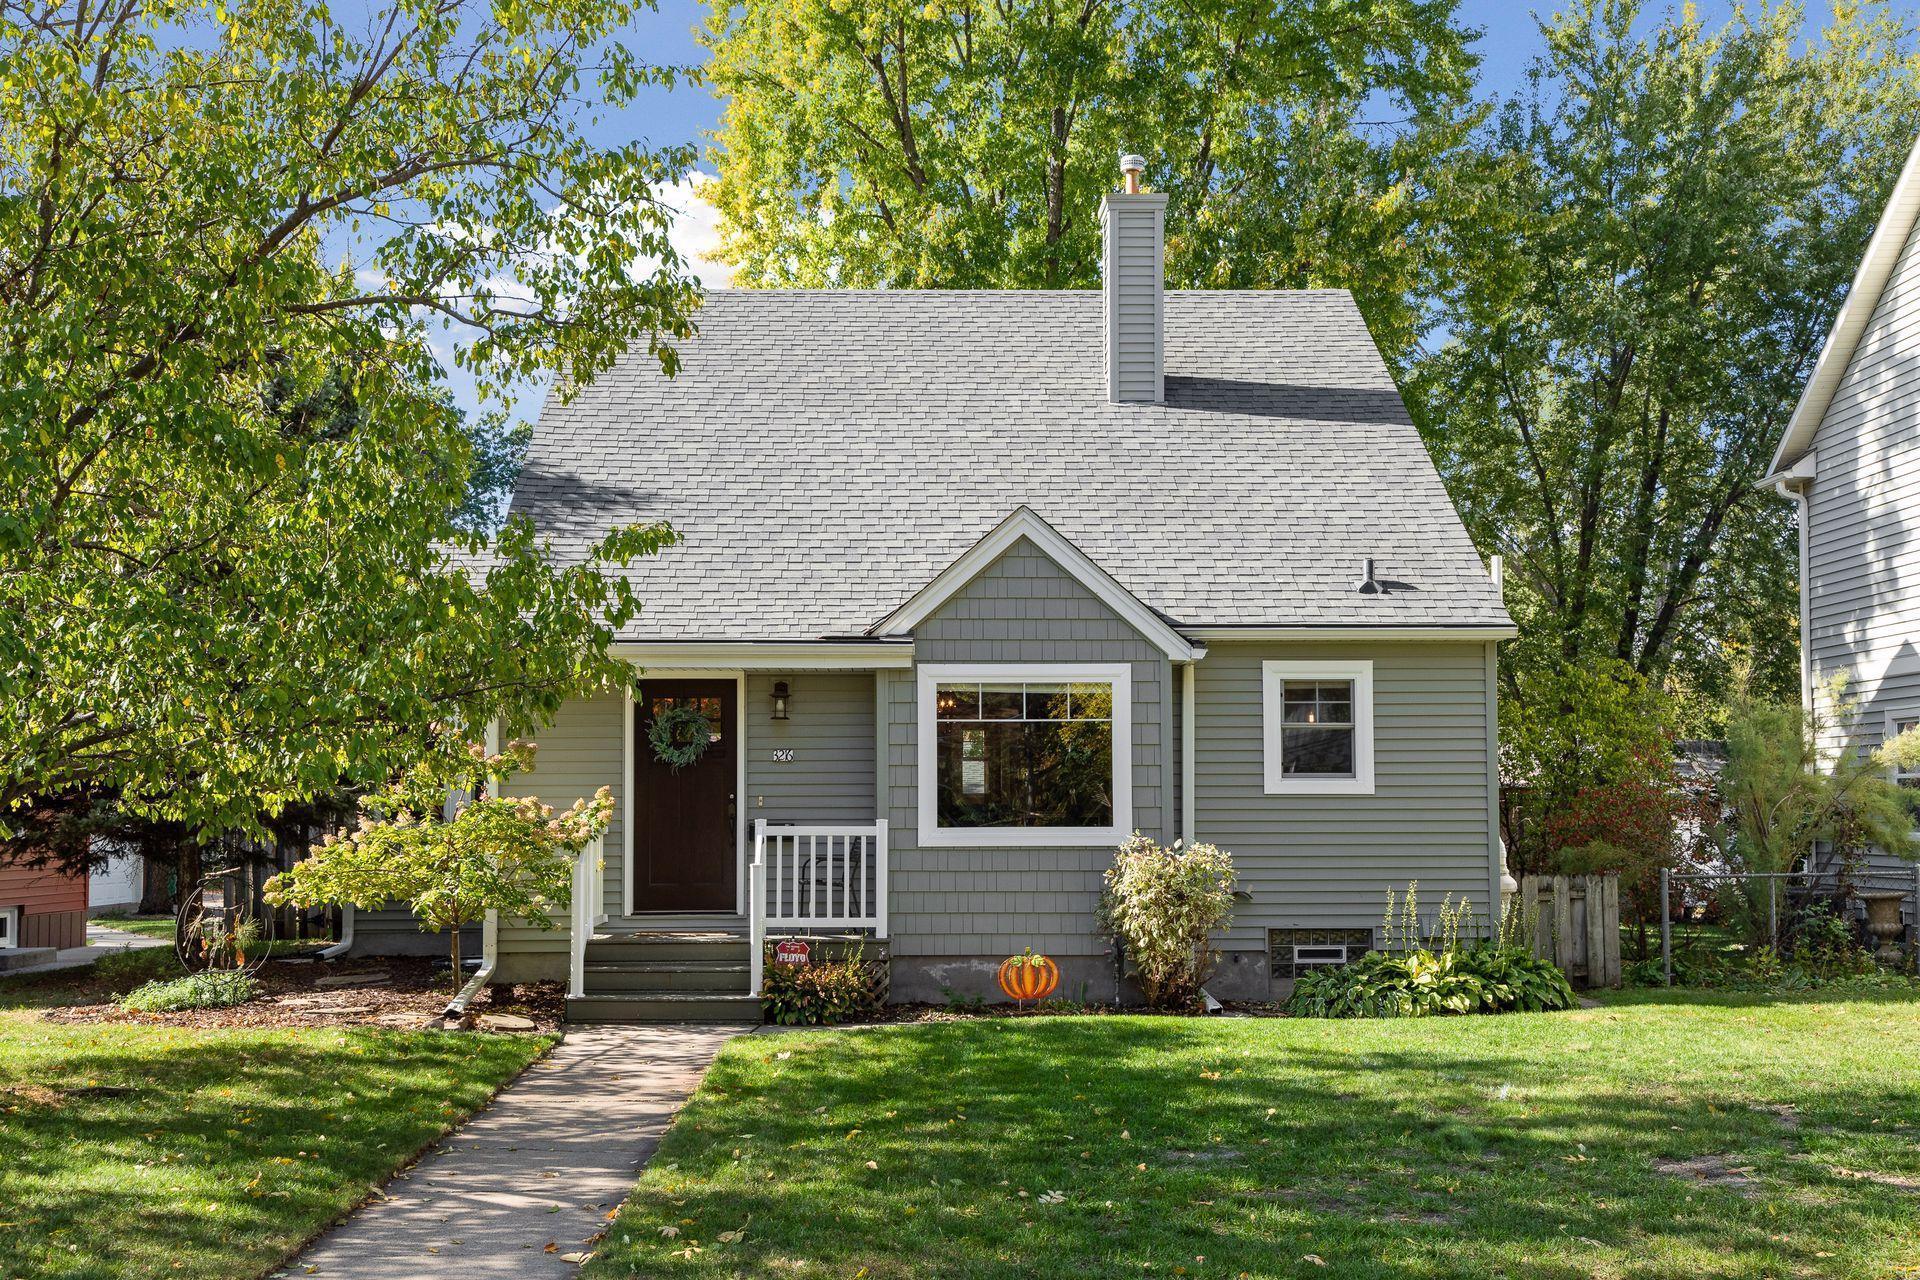 3216 Hampshire Avenue S, Saint Louis Park, MN 55426